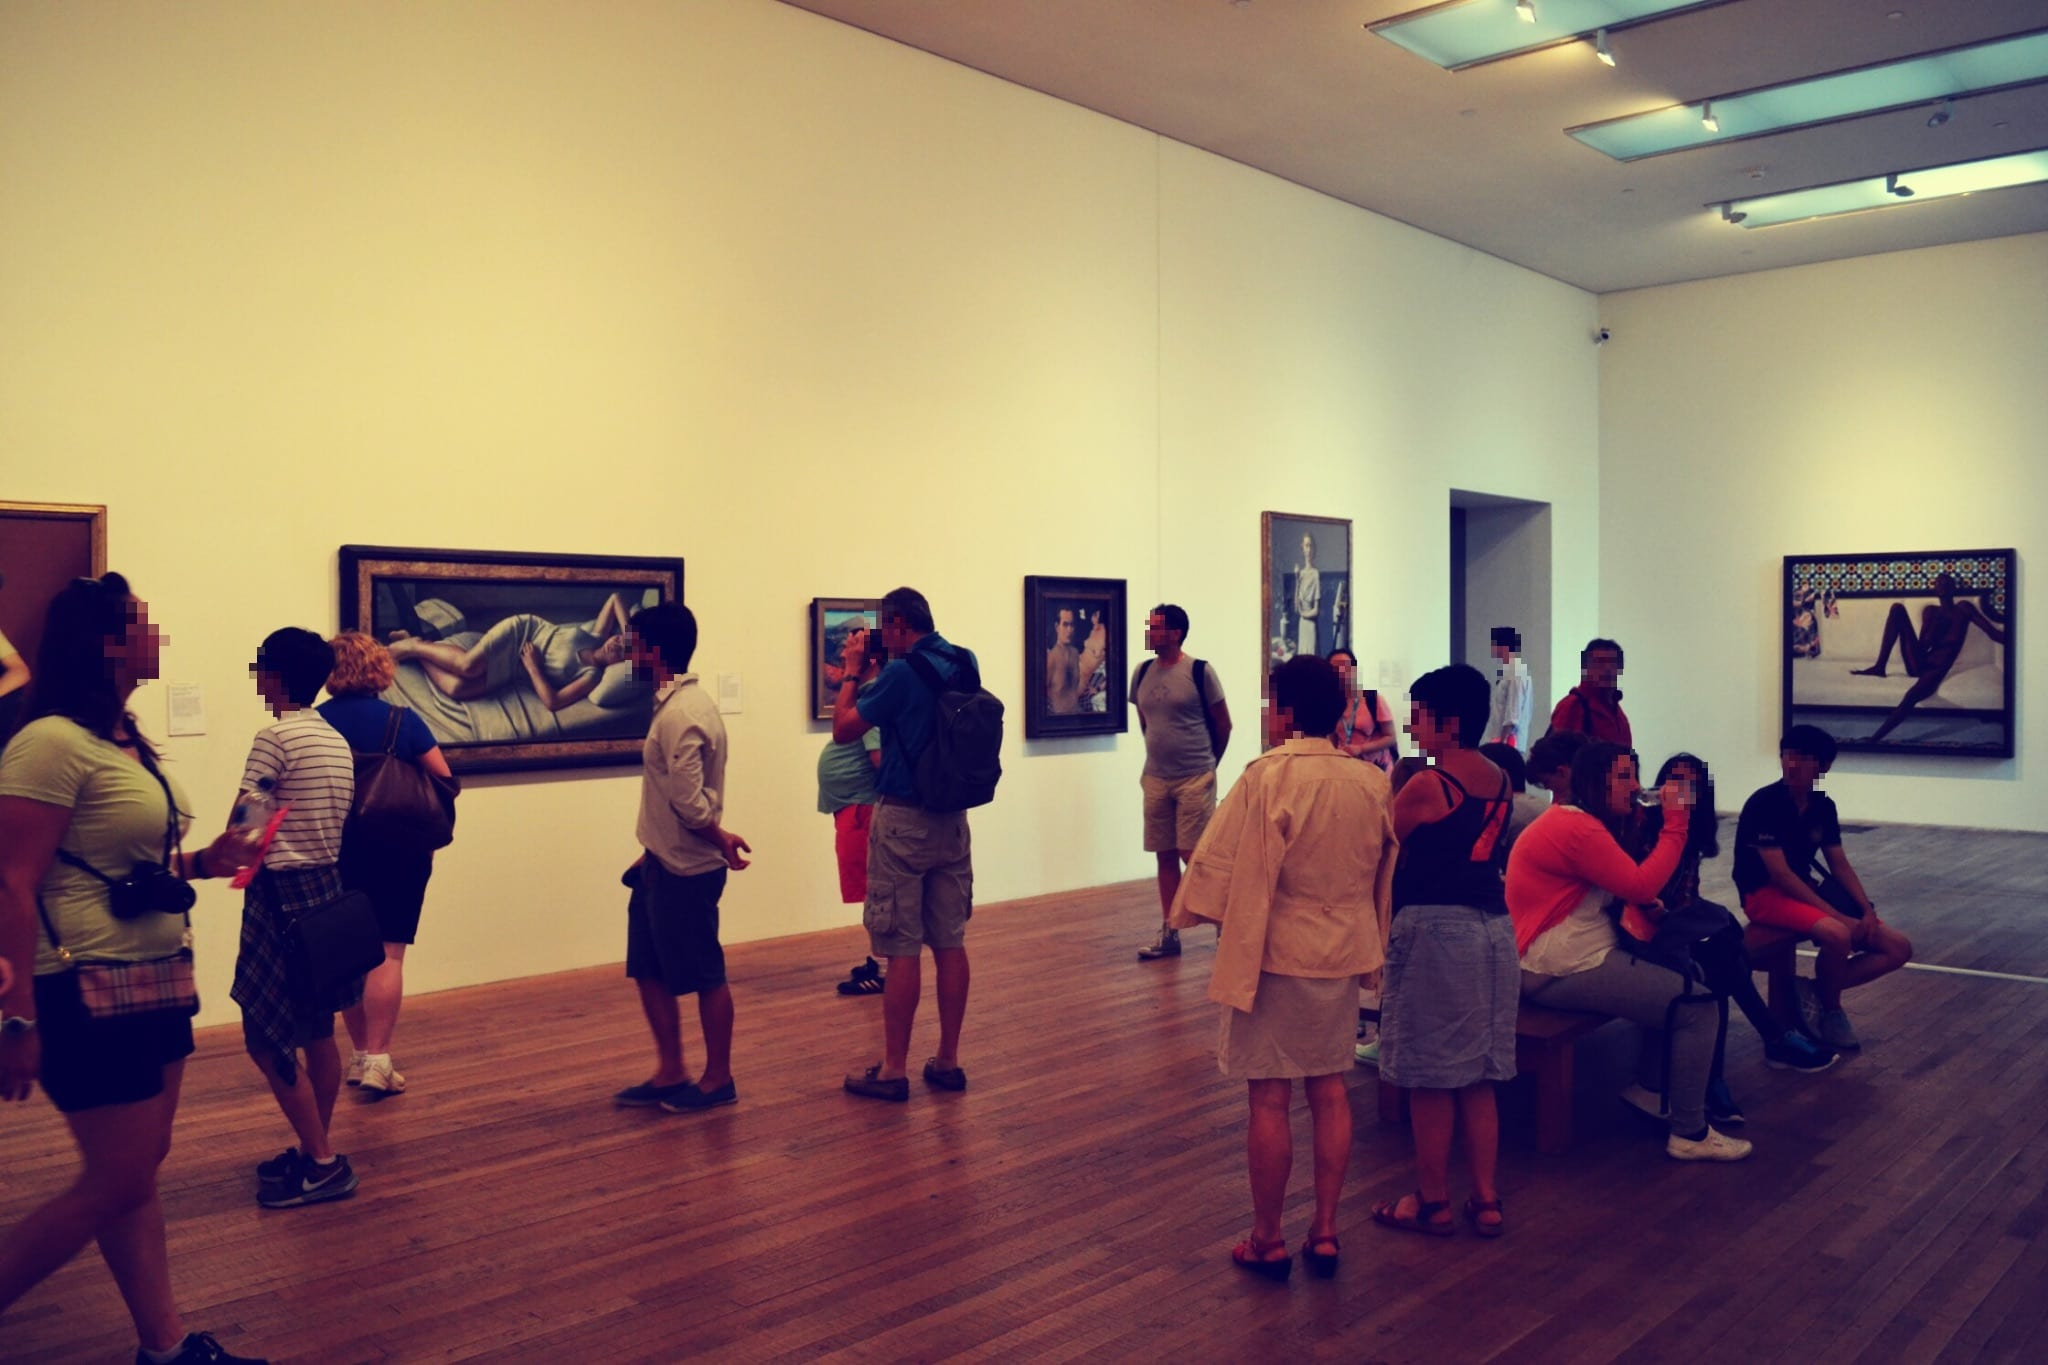 Die Gallerien des Museums beeindrucken viele Menschen